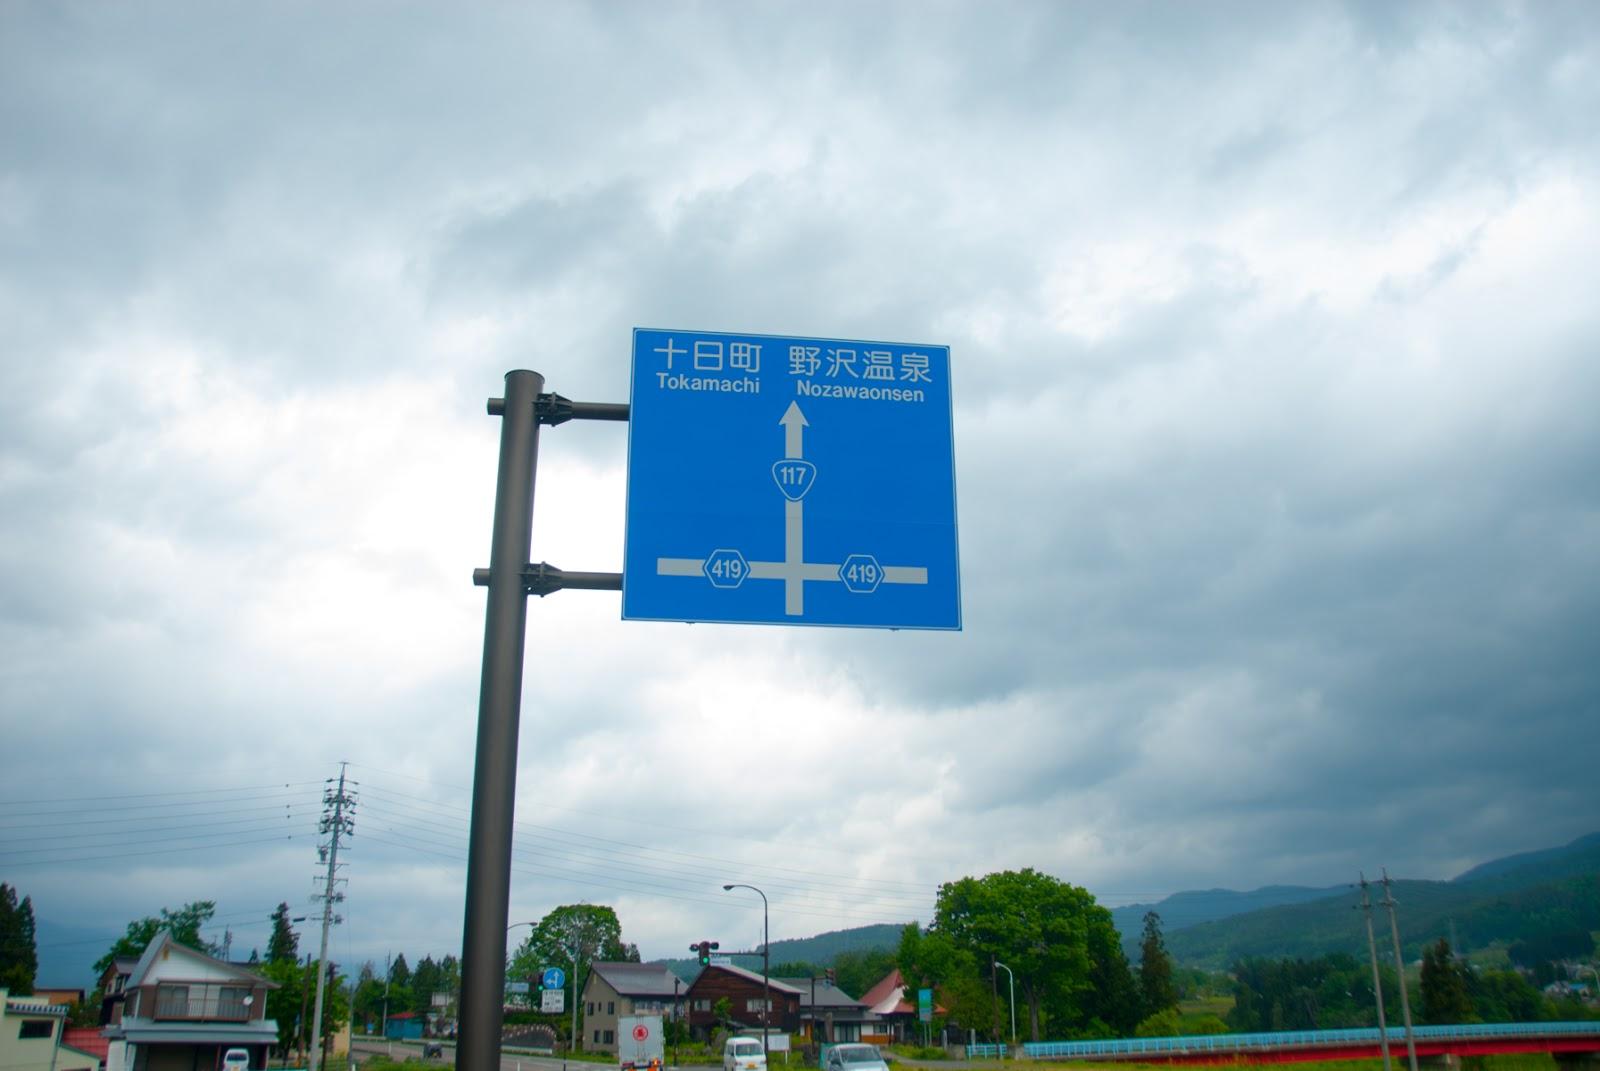 曇り空 標識